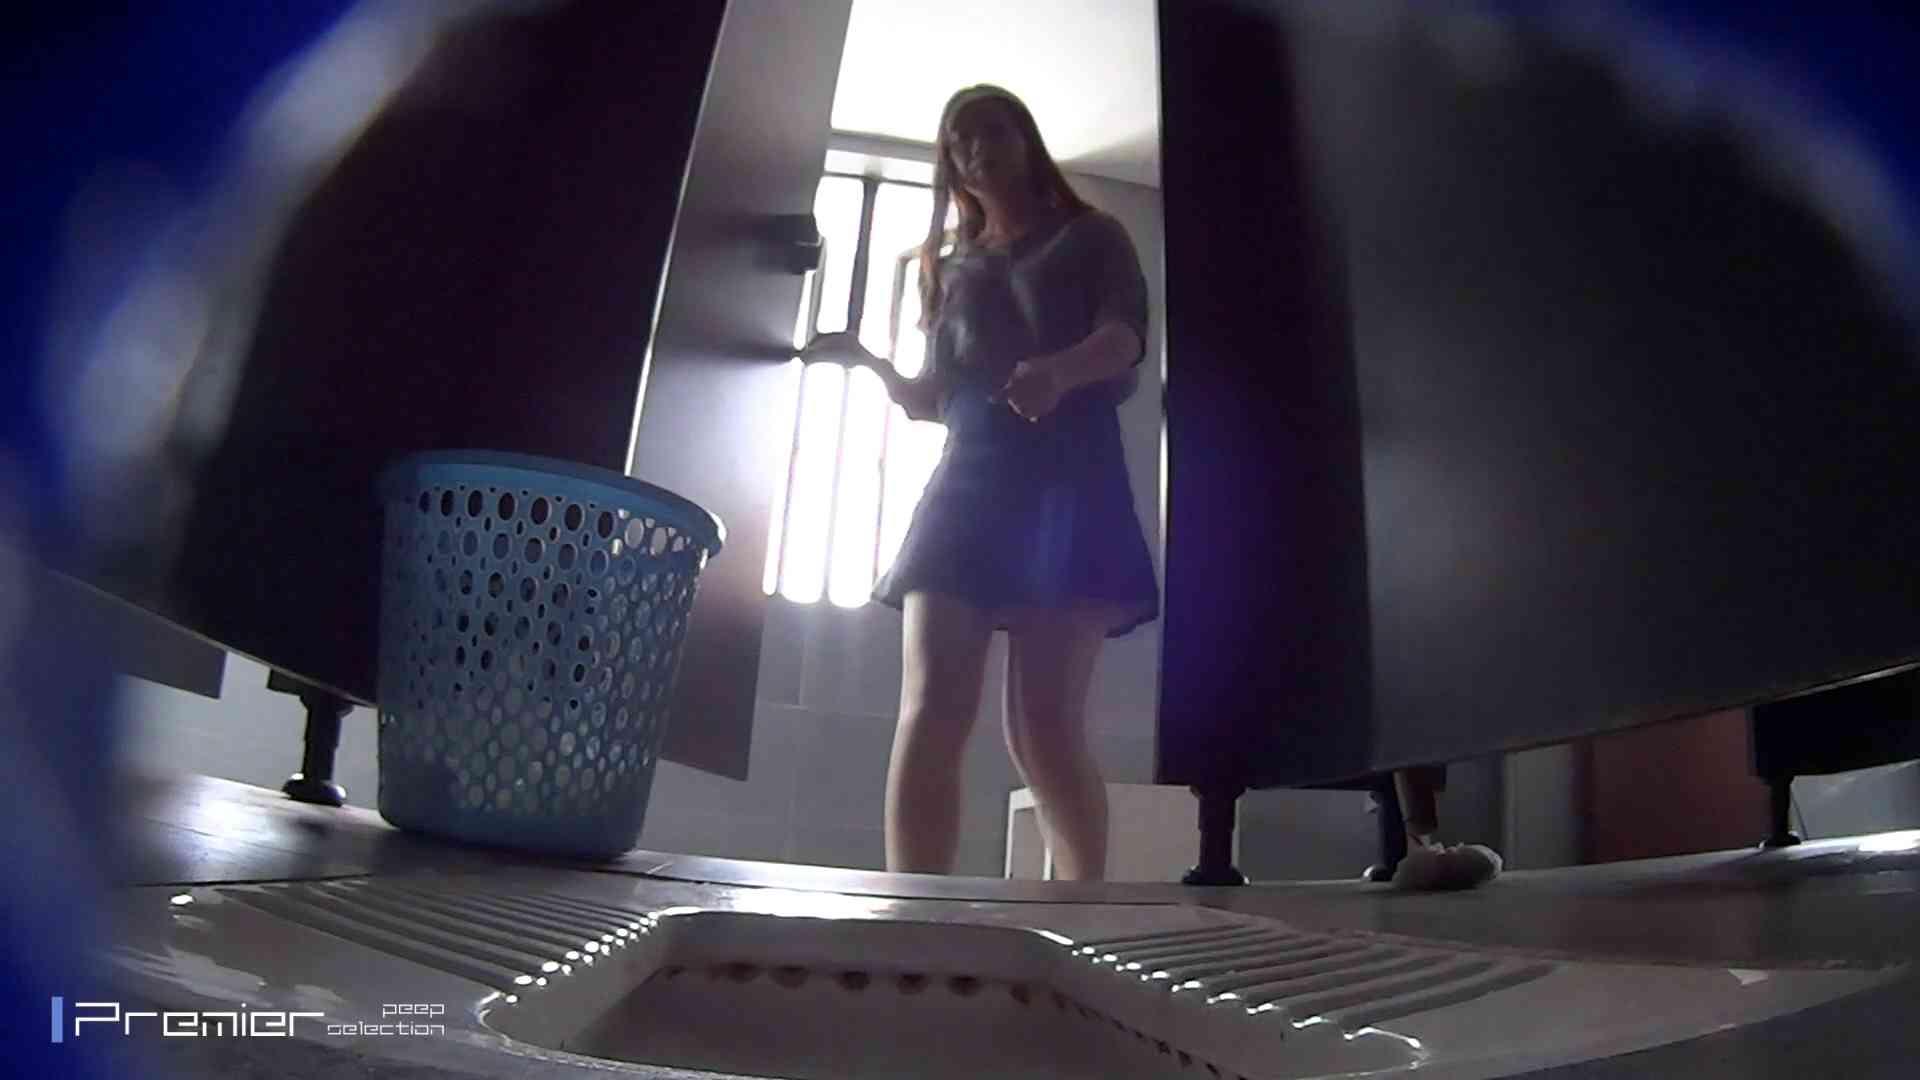 清楚なJDトイレ盗撮 大学休憩時間の洗面所事情41 エッチすぎるお姉さん 隠し撮りオマンコ動画紹介 85連発 78